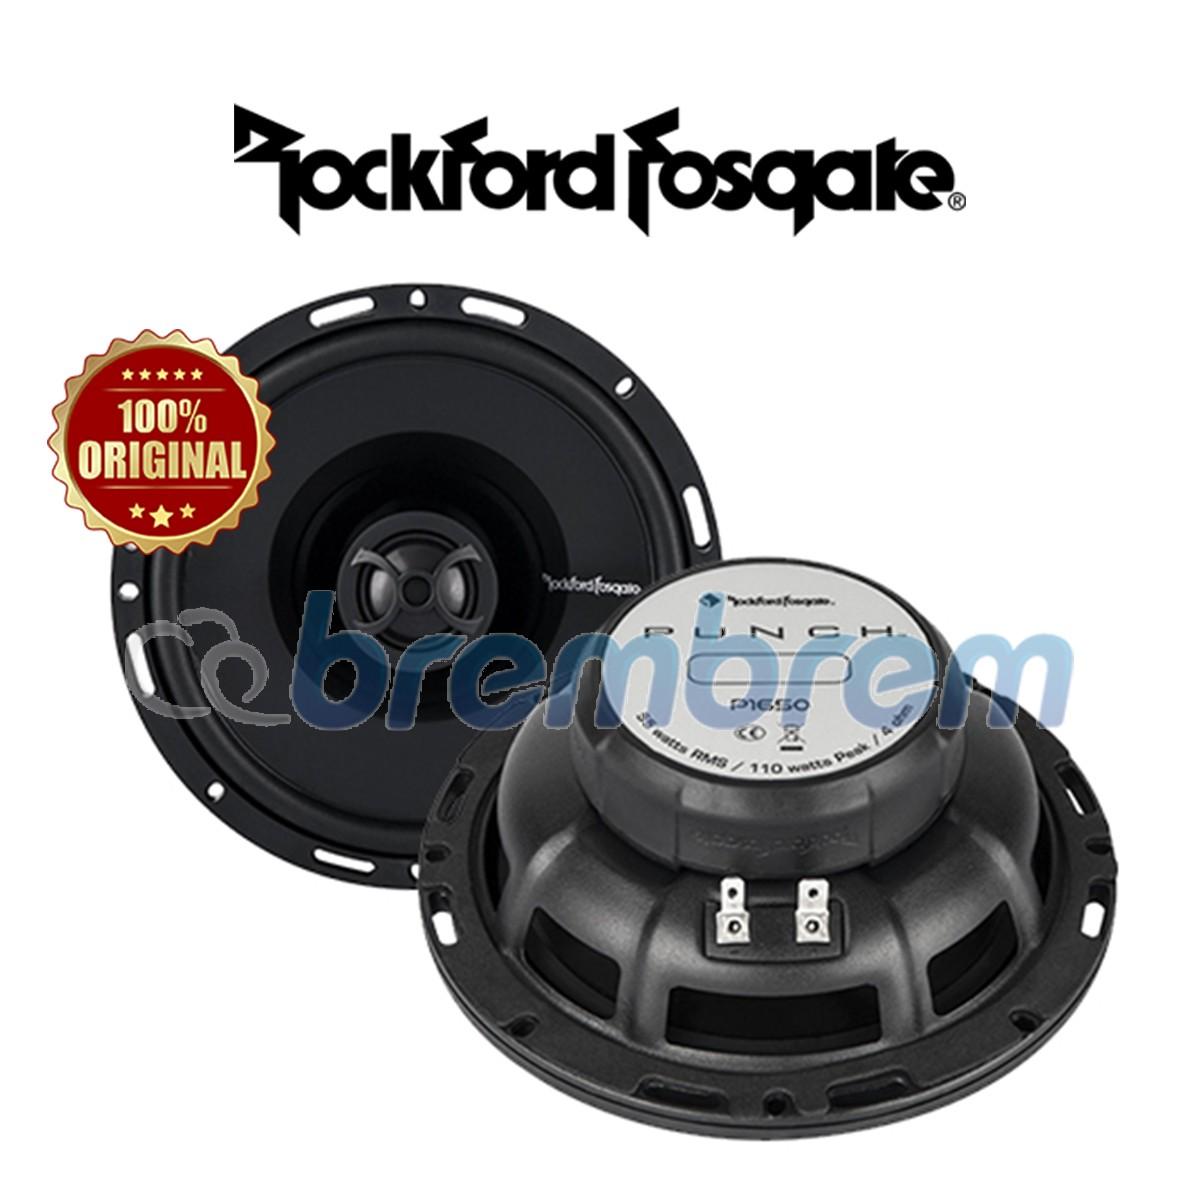 ROCKFORD FOSGATE P1650 - SPEAKER COAXIAL